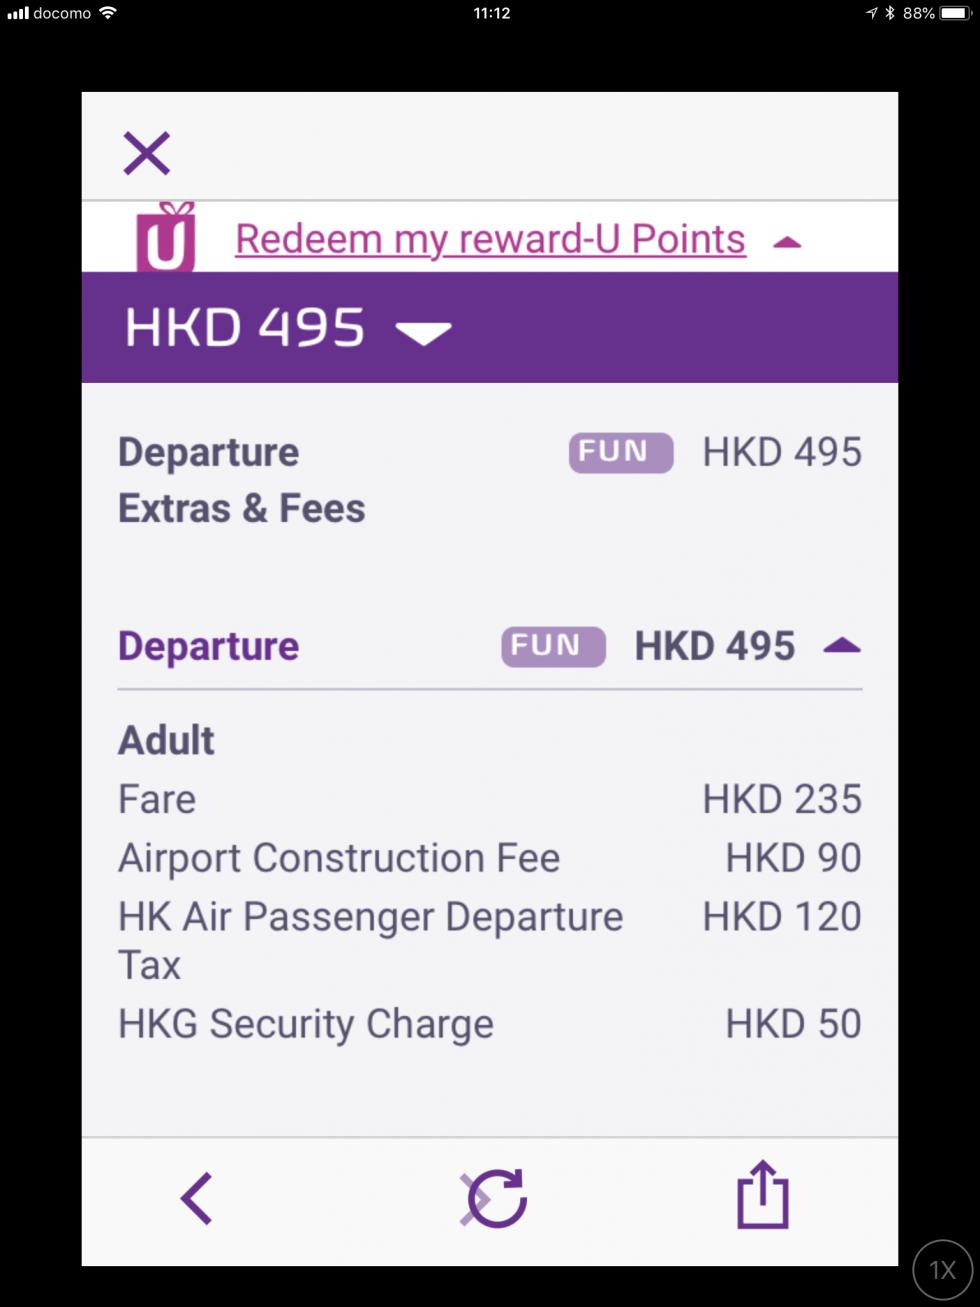 合計は495香港ドルですが、実際の支払いは空港税など260香港ドルとなります。貯めづらかったりアプリが別途必要など厄介なところはありますが、たまったらお得に旅できますね。たくさん香港に行かれる方はぜひ!